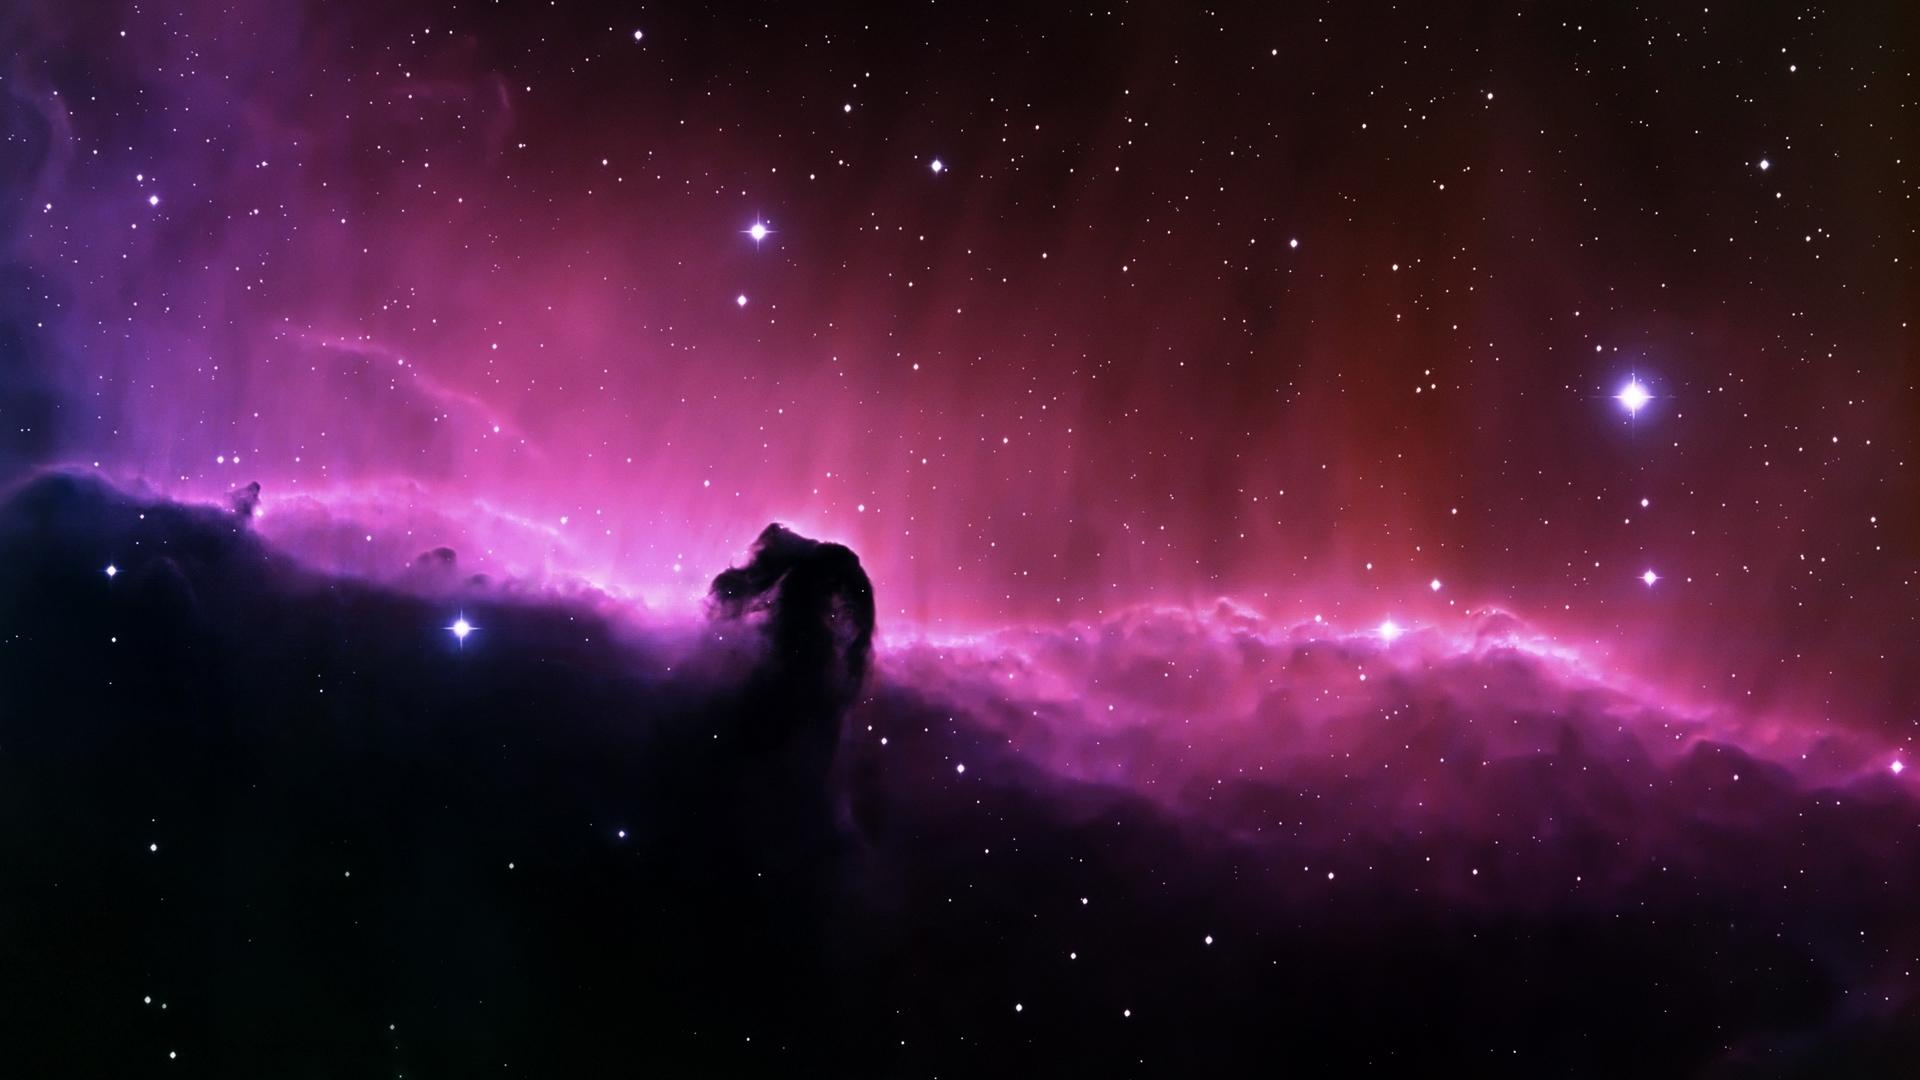 24693 скачать обои Пейзаж, Космос, Звезды - заставки и картинки бесплатно